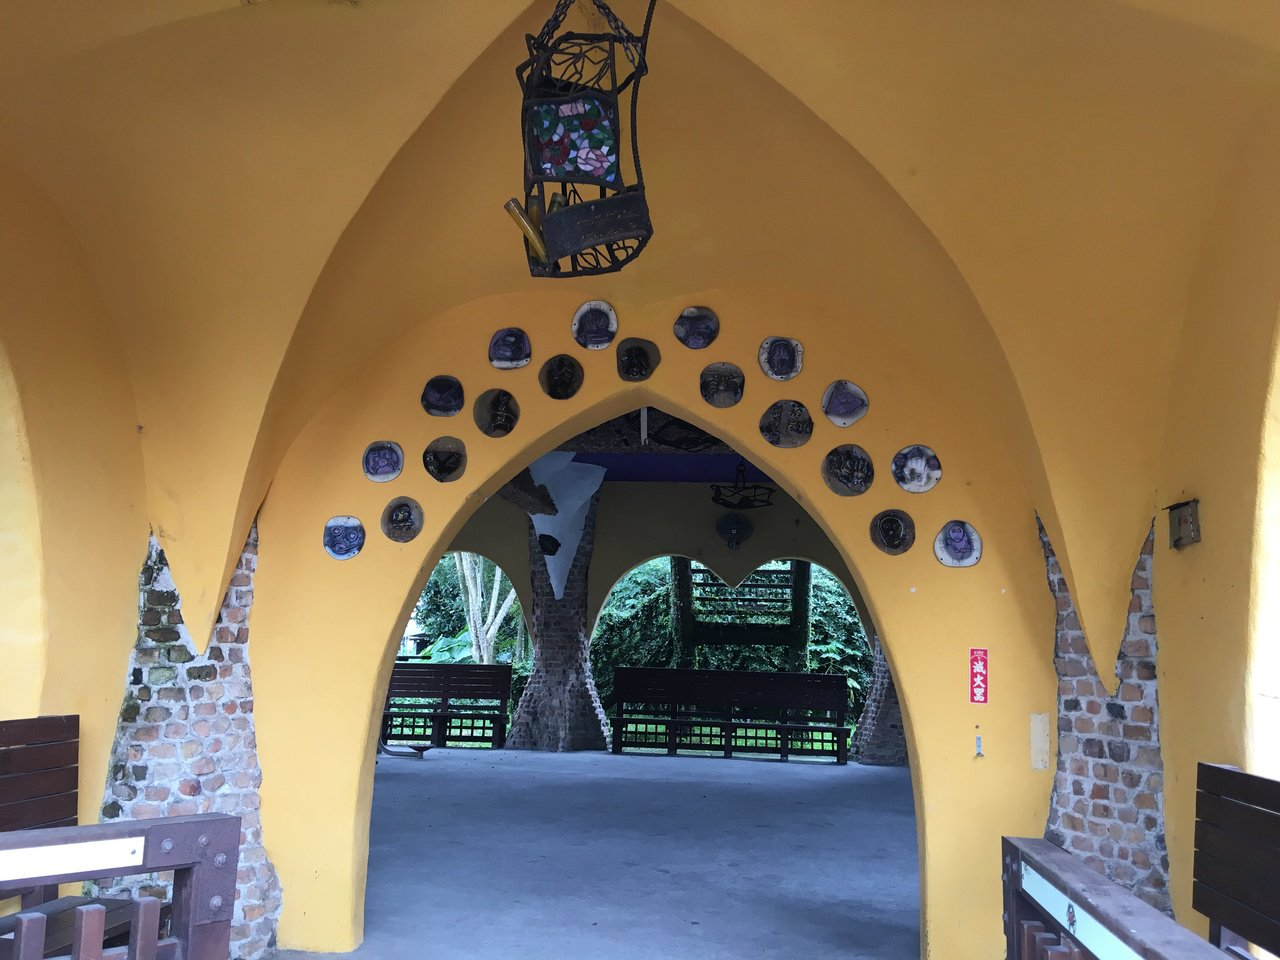 內部掛燈由不規則馬賽克拼貼而成的藝術品。記者陳麗婷/攝影